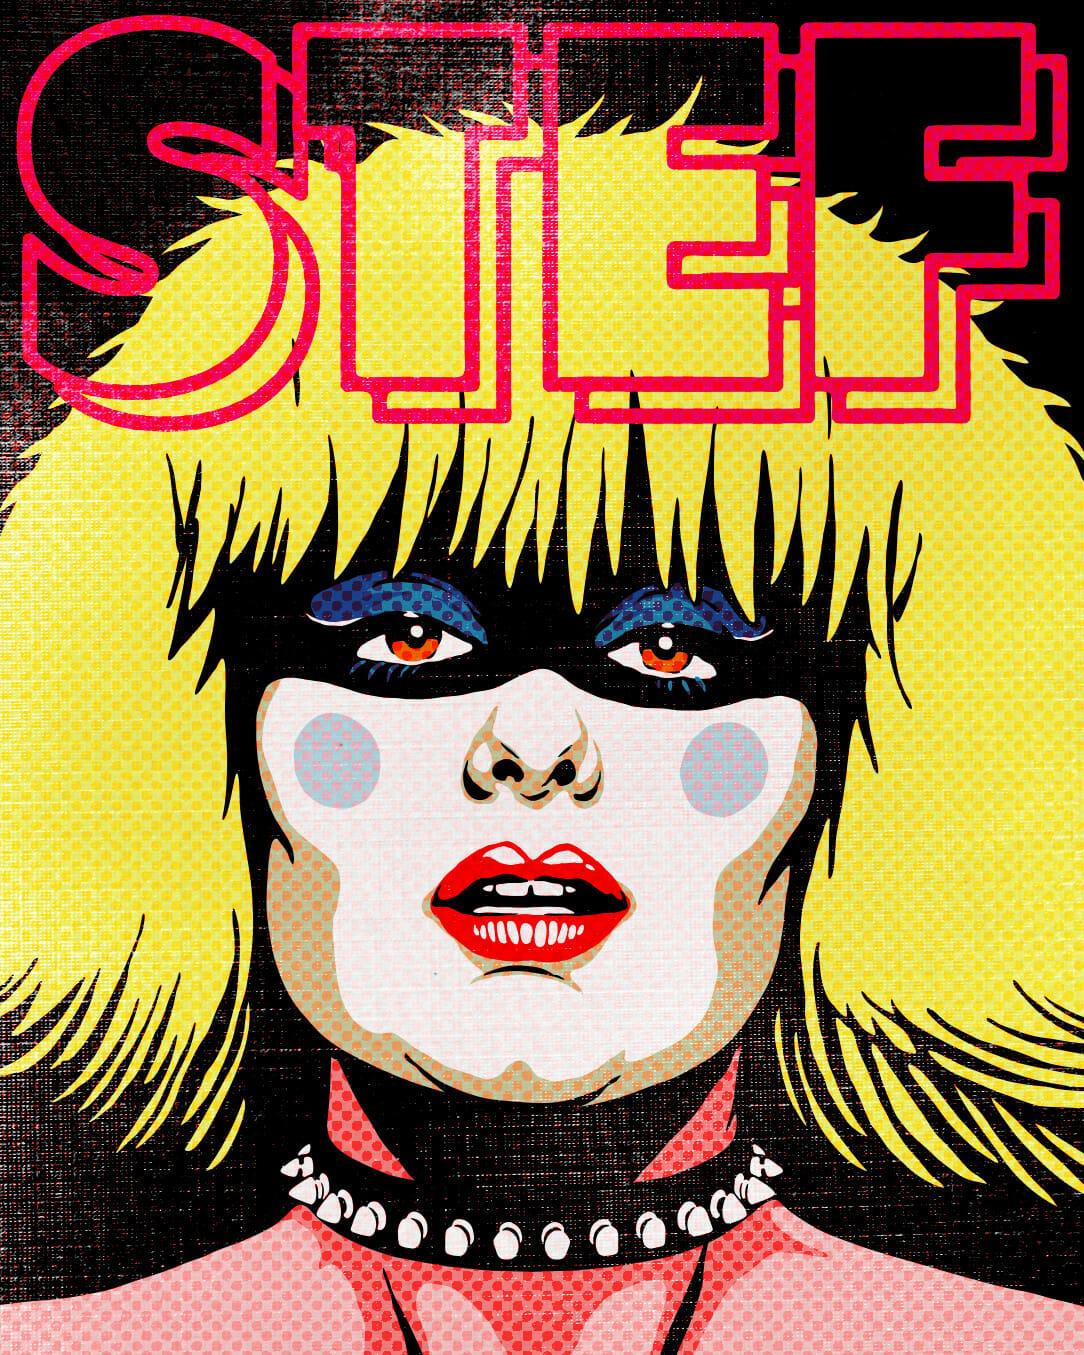 Illustration en couleur : portrait d'une femme aux cheveux blonds, courts et gonflés. La femme a le visage peint en blanc, les yeux maquillés de bleu et les lèvres rouges. Elle porte un collier à clous.